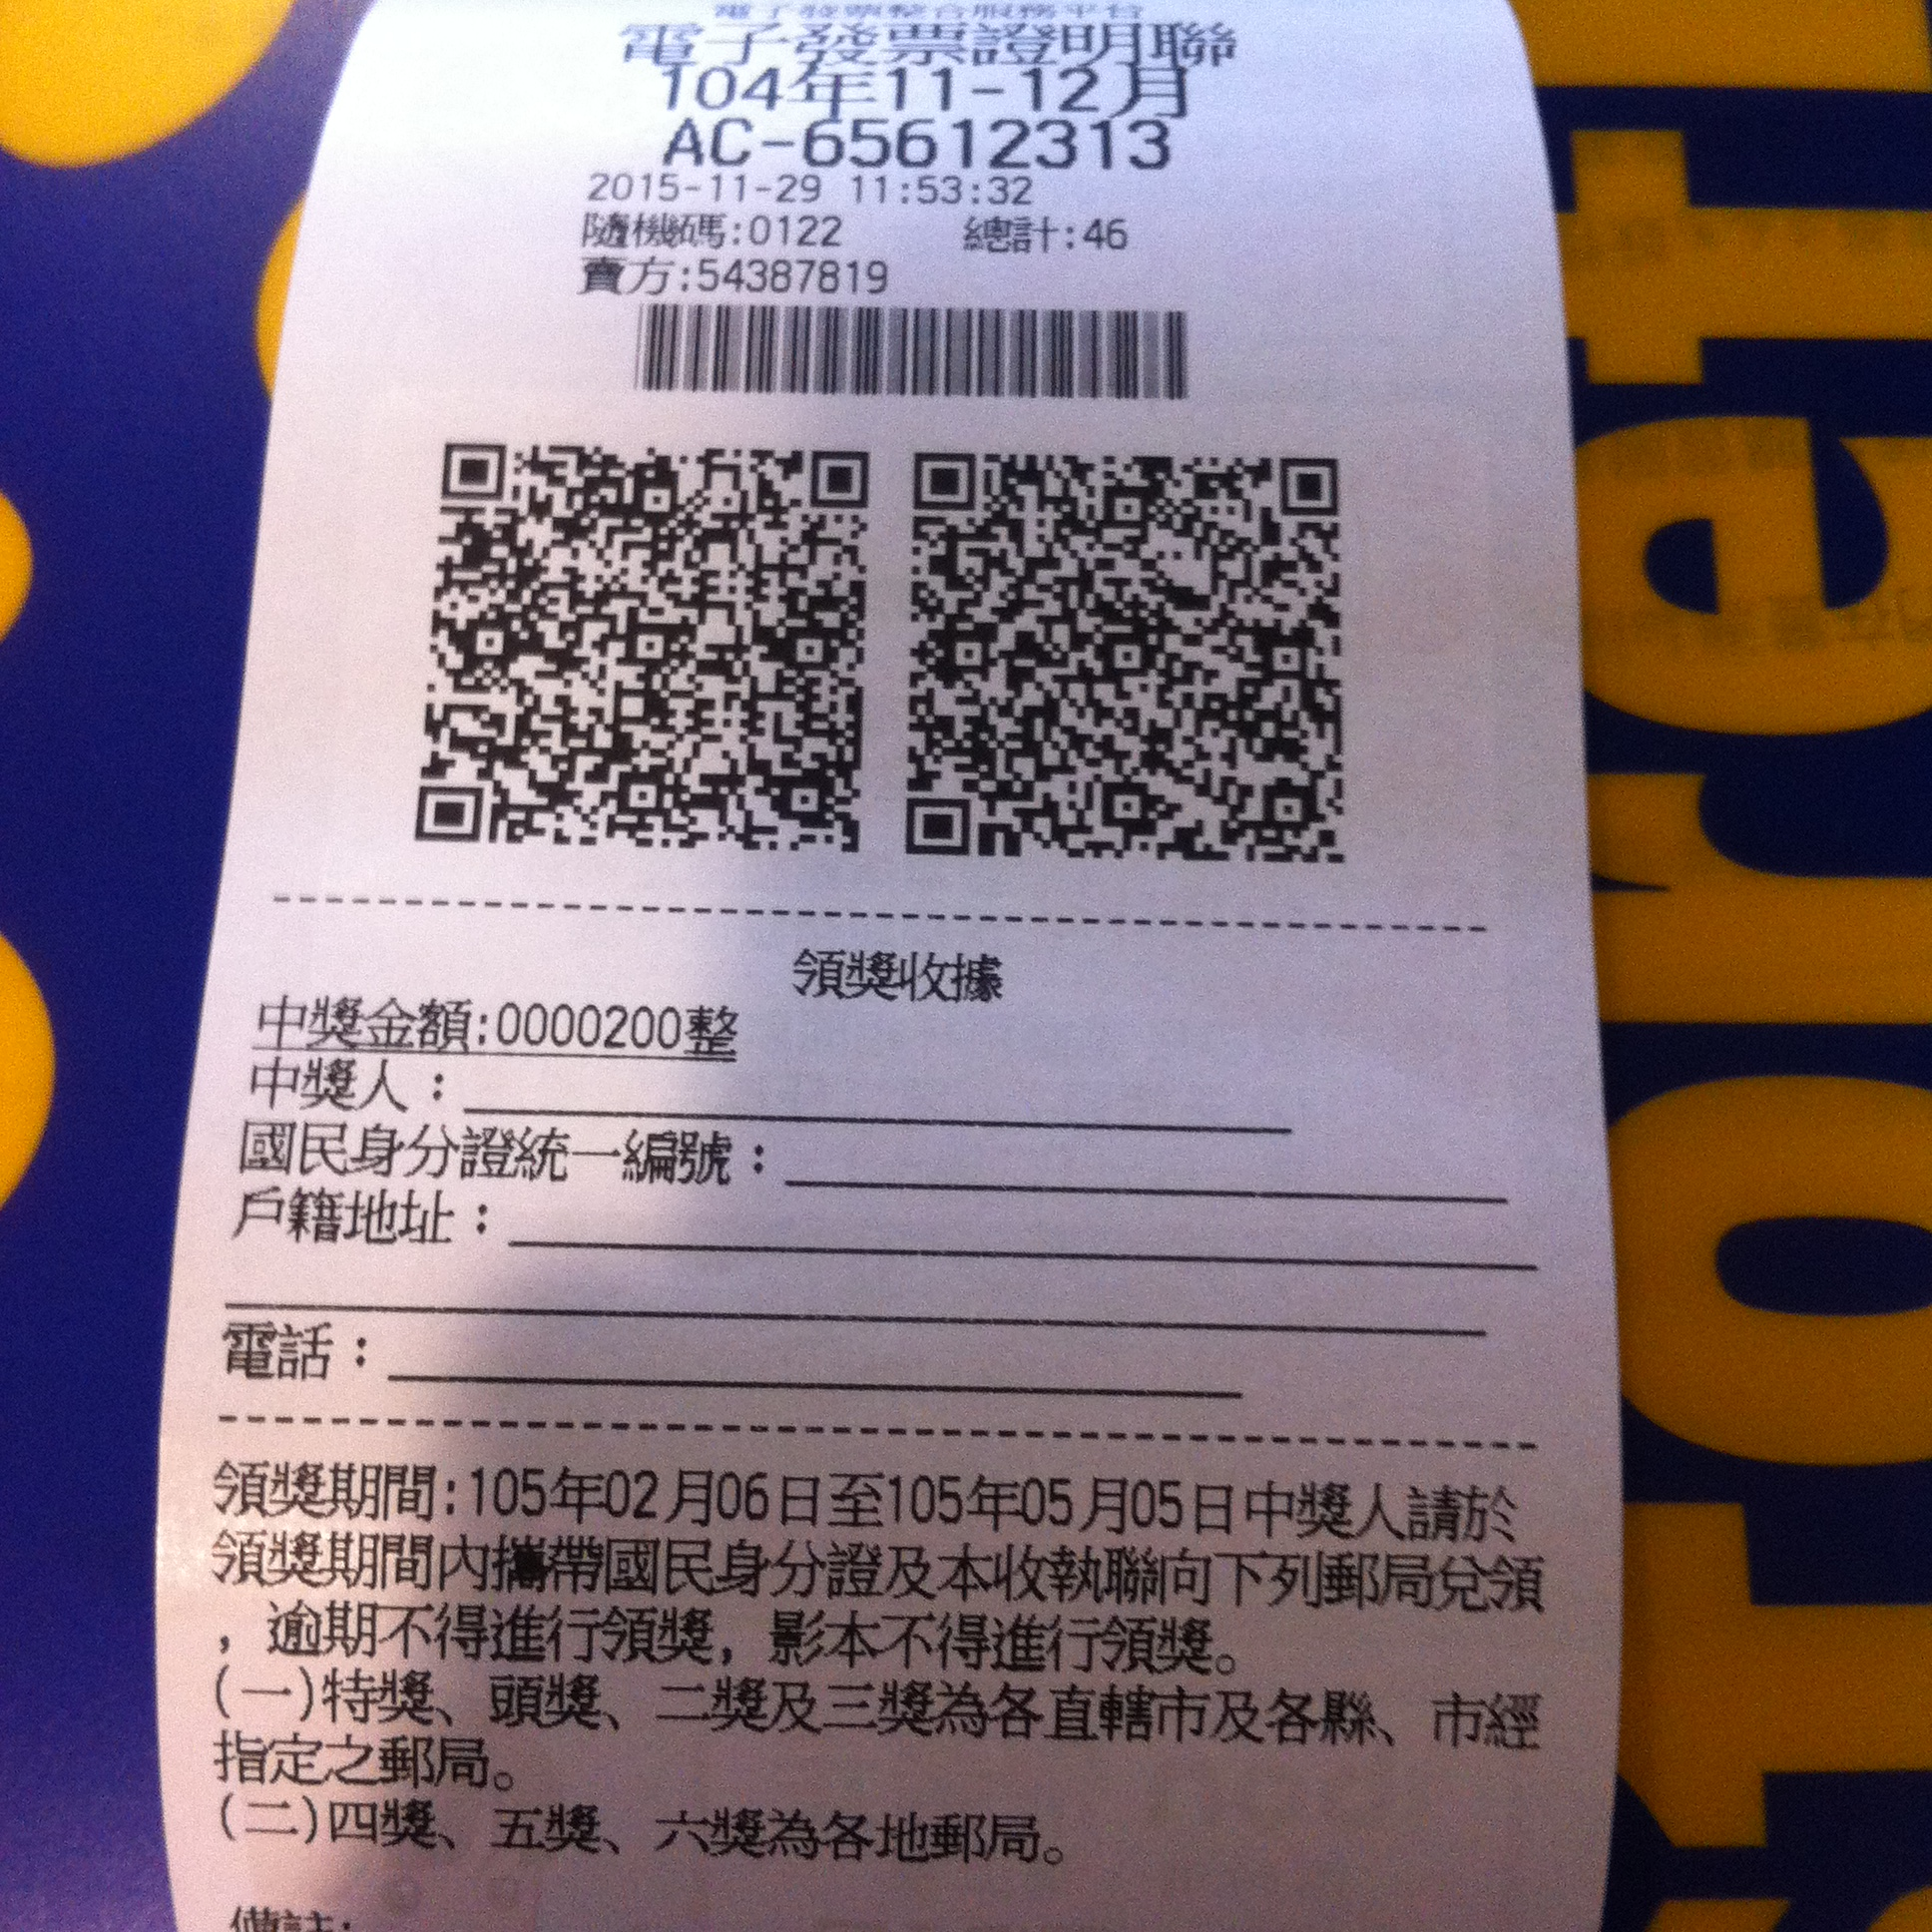 【便利】ヨーヨーカー(悠遊カード)で払った台湾のレシートの当たりを確認する方法